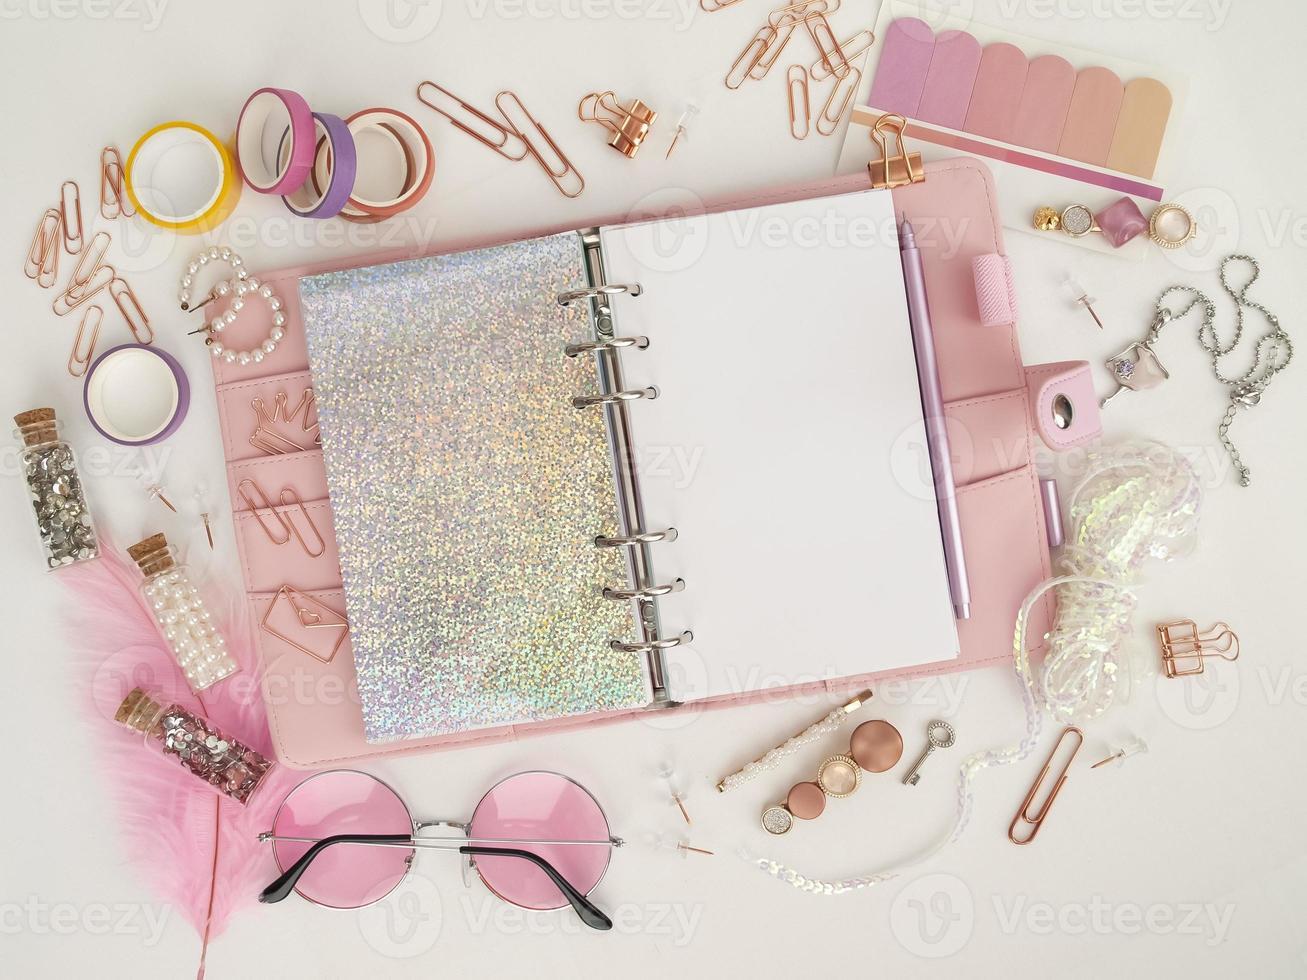 dagbok öppnas med vit och holografisk sida. foto